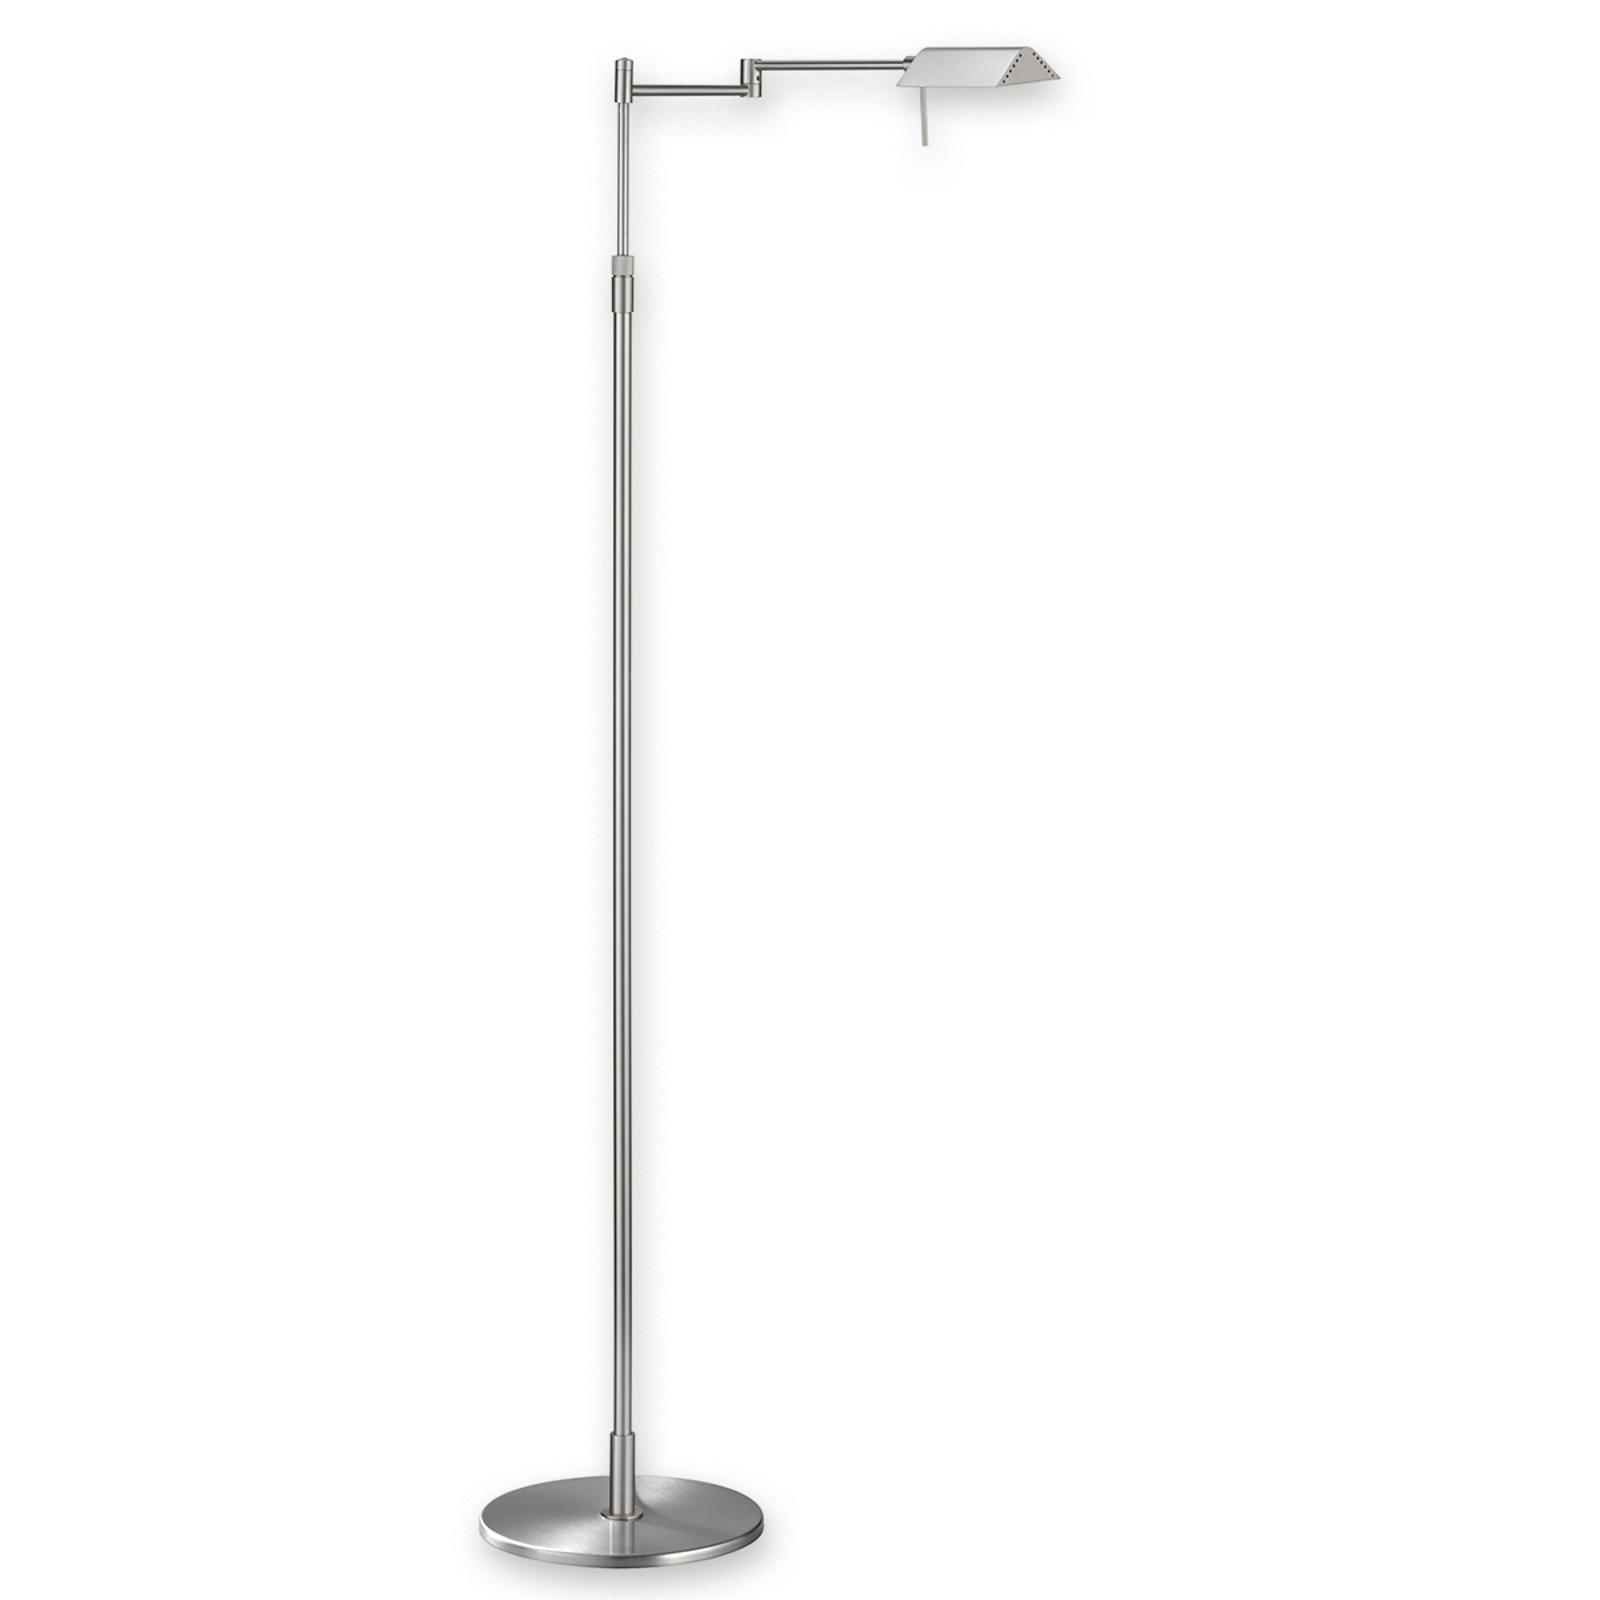 Lampadaire LED FINN raffiné nickel mat